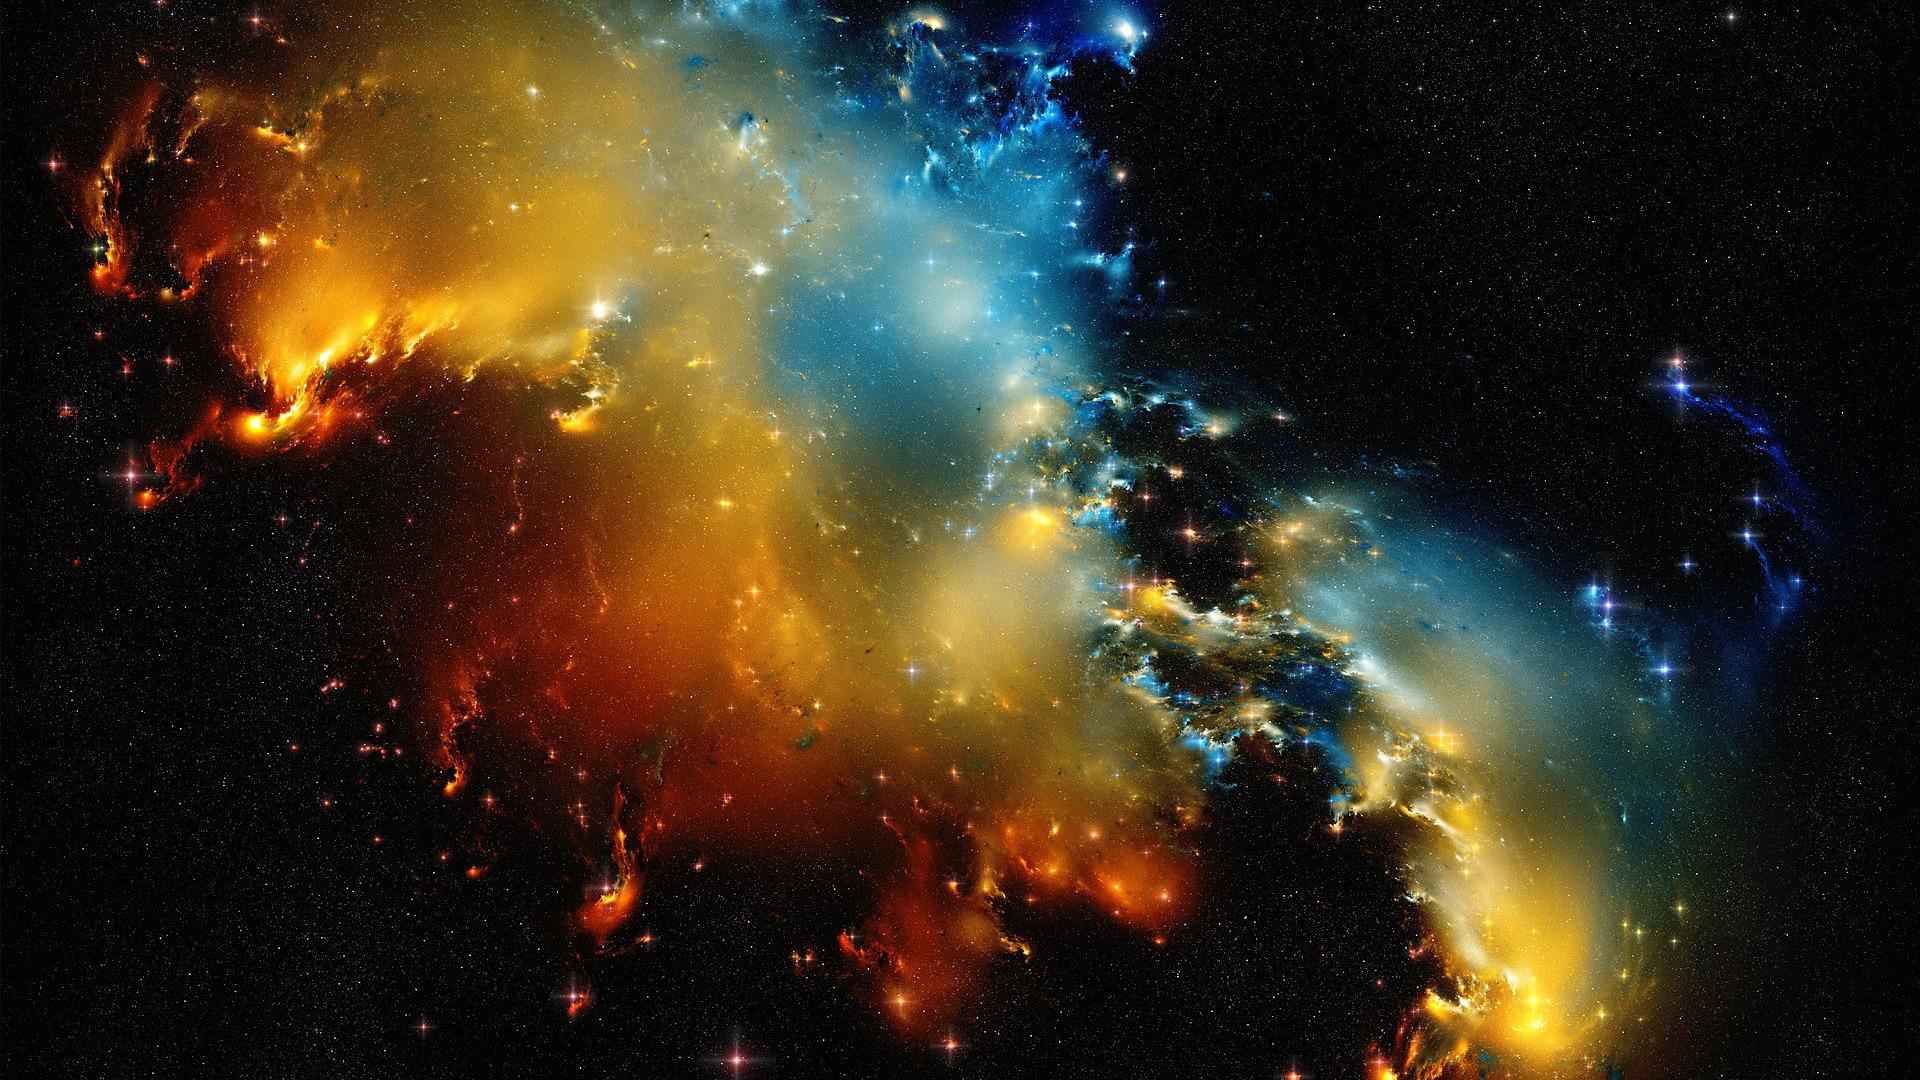 Nebula Wallpaper HD 8403